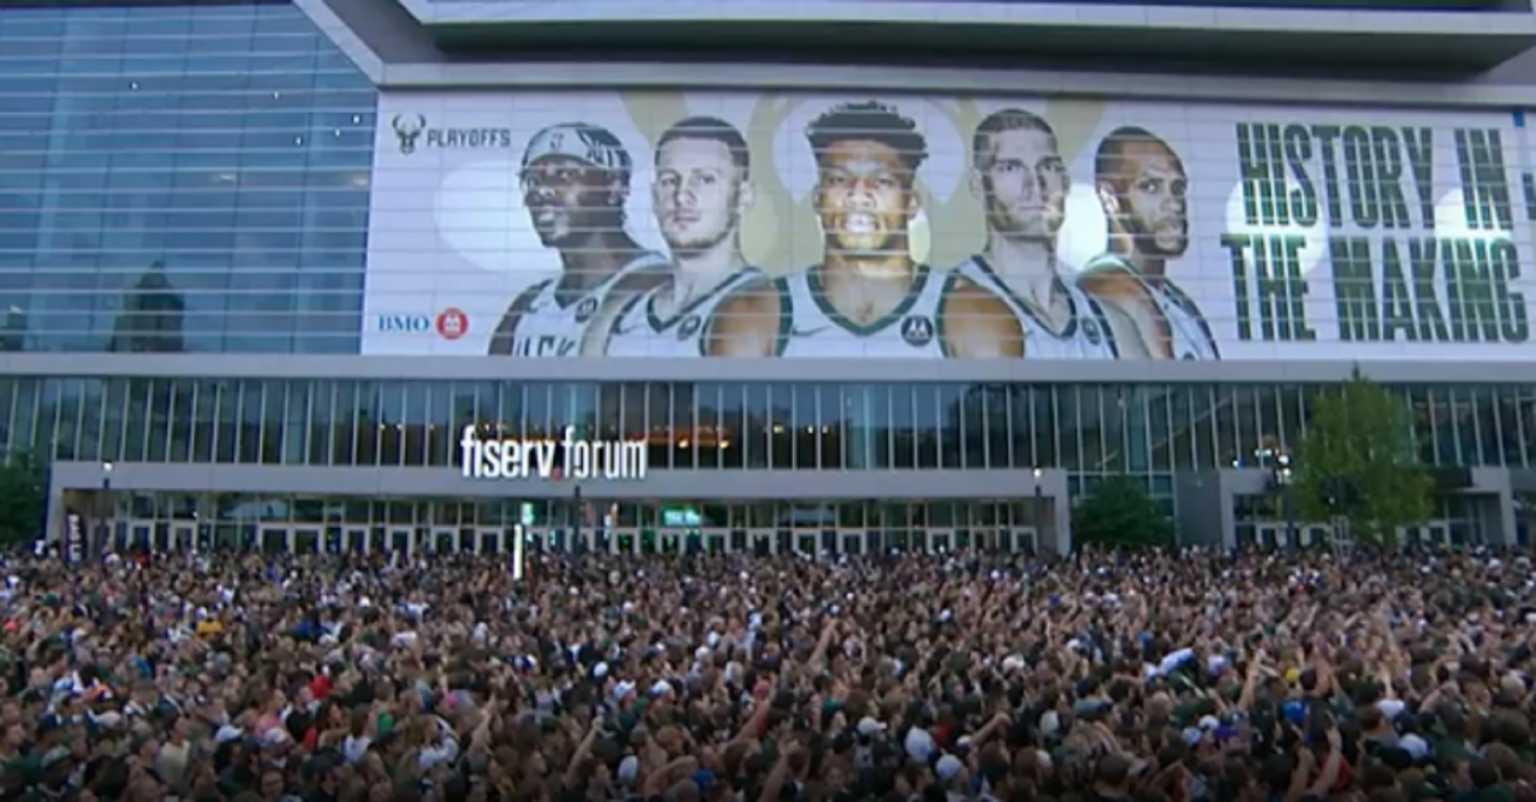 ΝΒΑ: Οι Μιλγουόκι Μπακς «έδεσαν» με νέο πολυετές συμβόλαιο τον τζένεραλ μάνατζερ της ομάδας